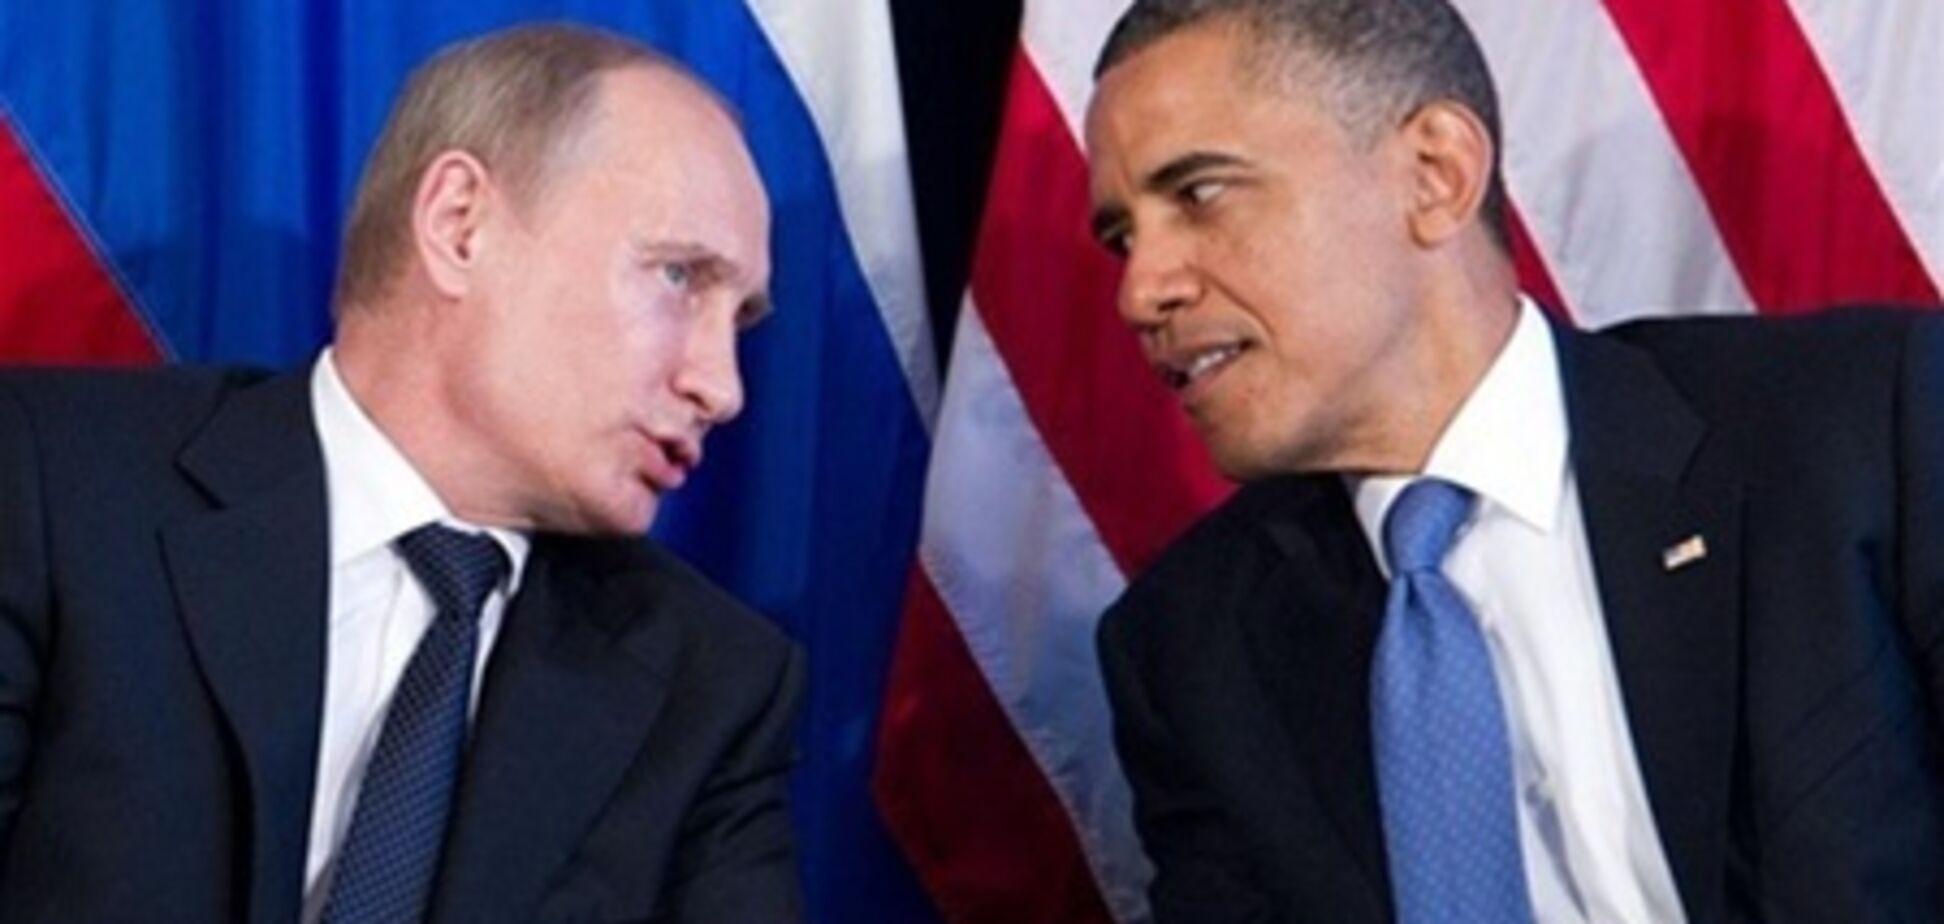 У Обамы не говорят о содержании послания Путина